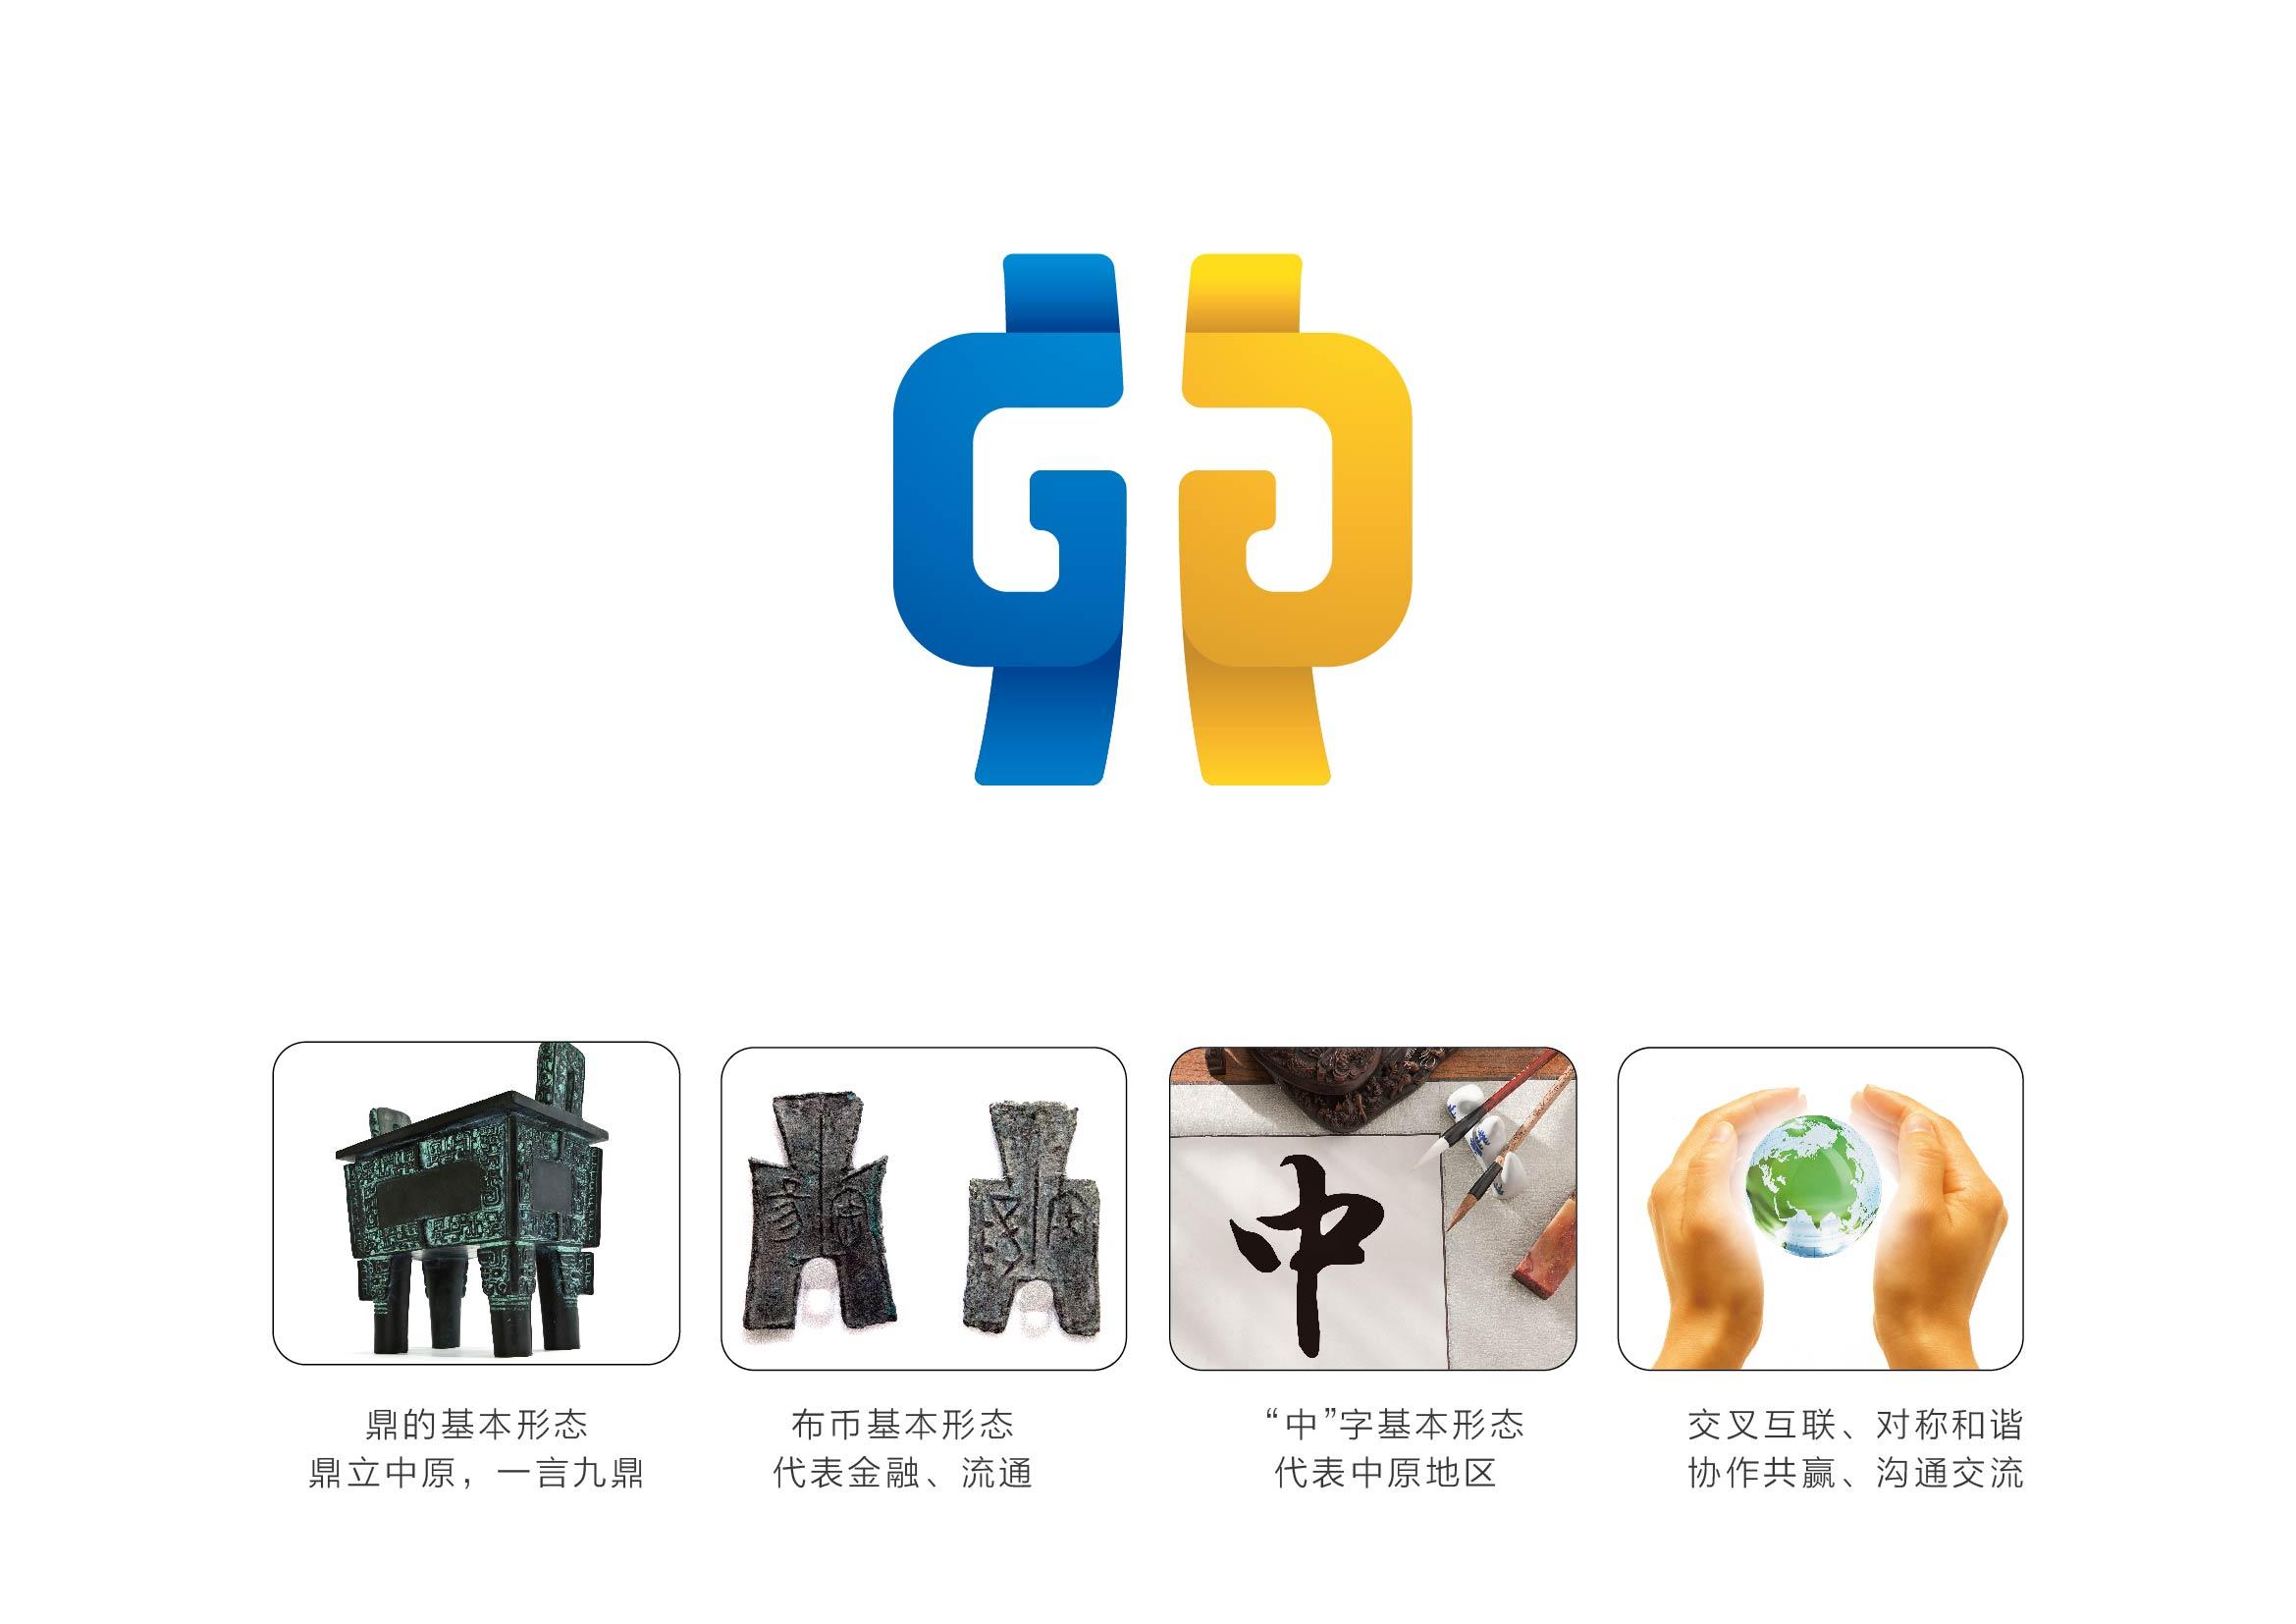 鼎盛中原消费金融品牌形象设计